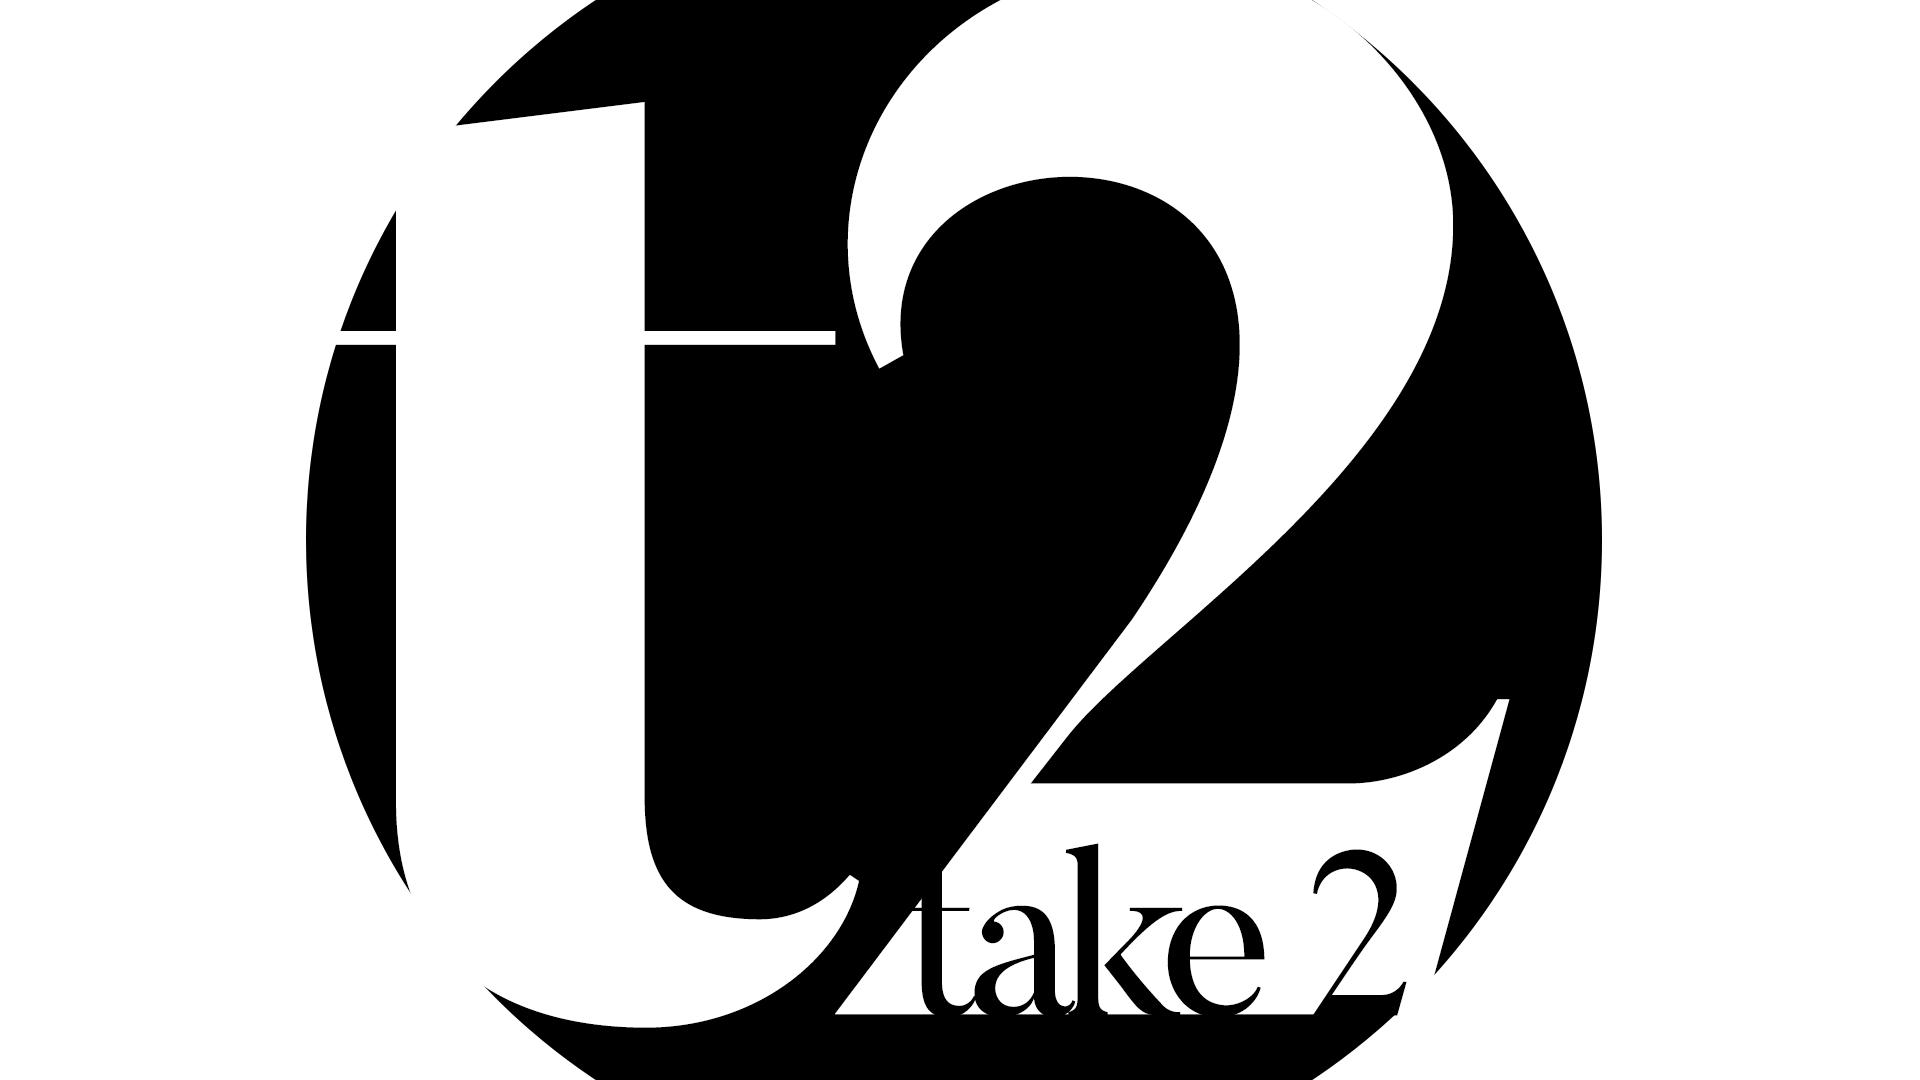 take-2-logo.png